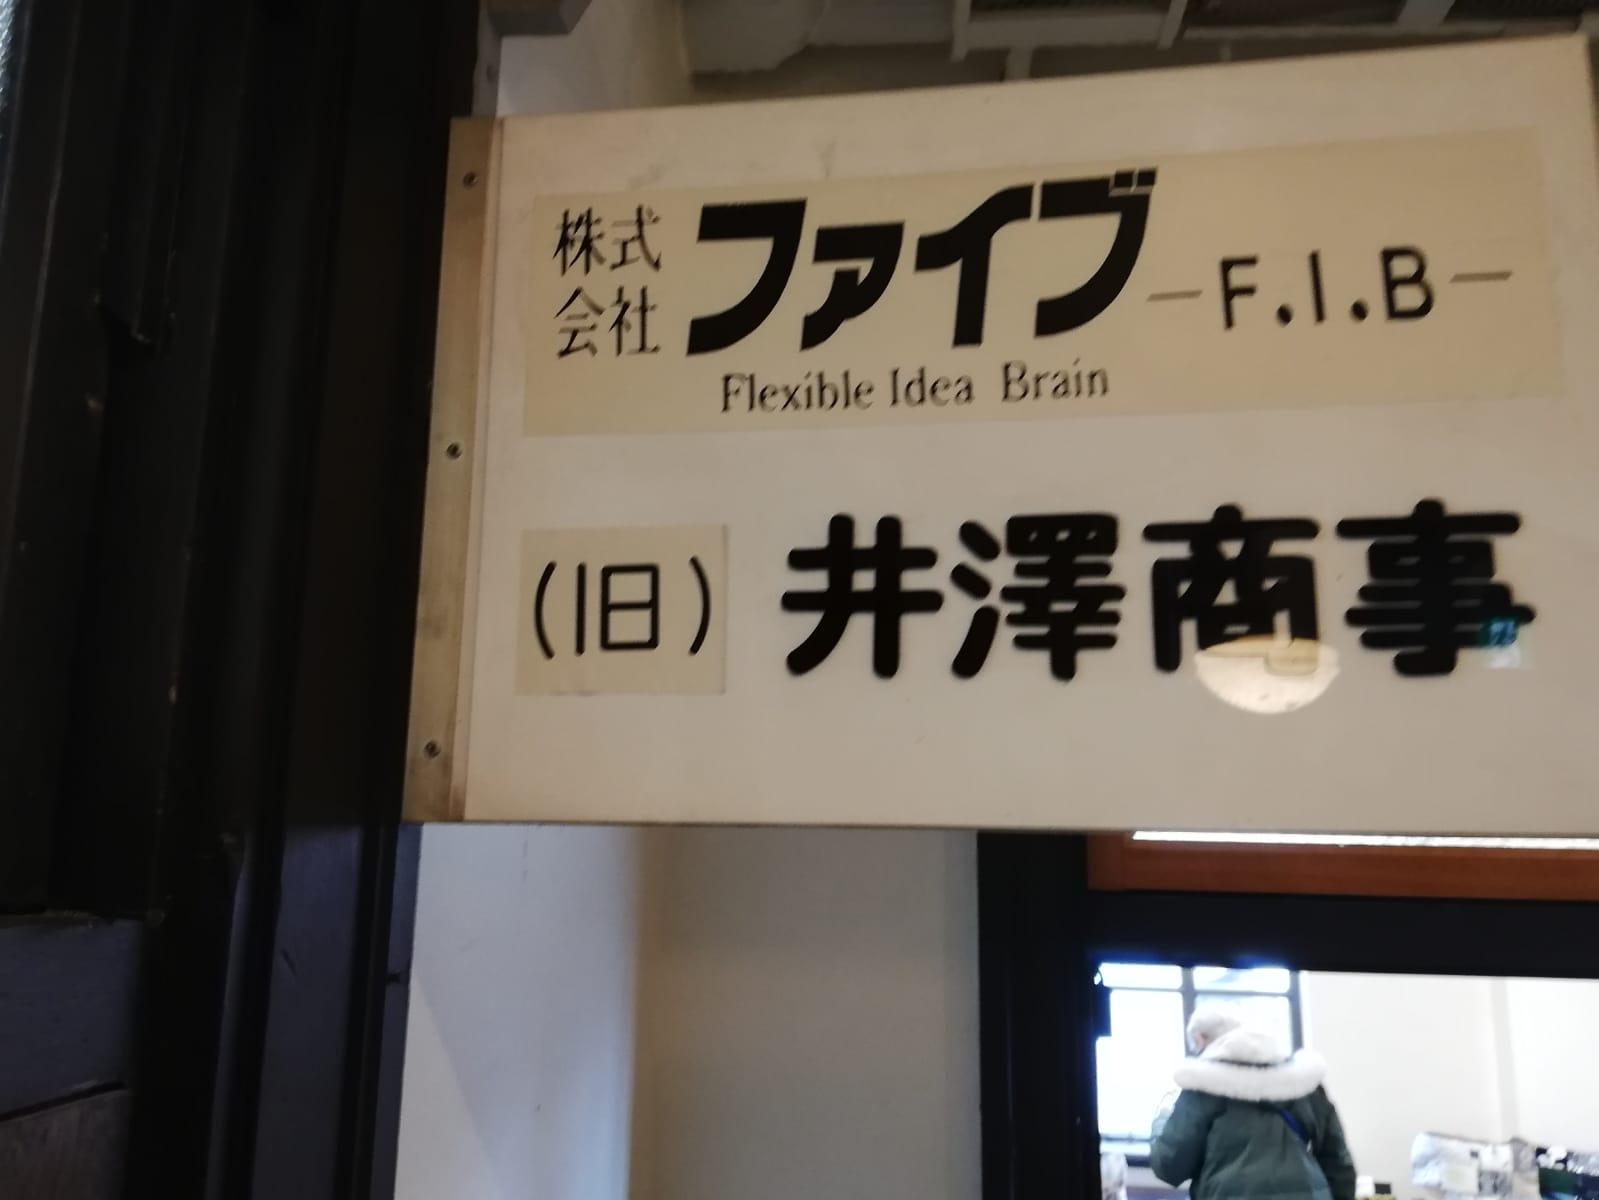 'Flexible Idea Brain' sign